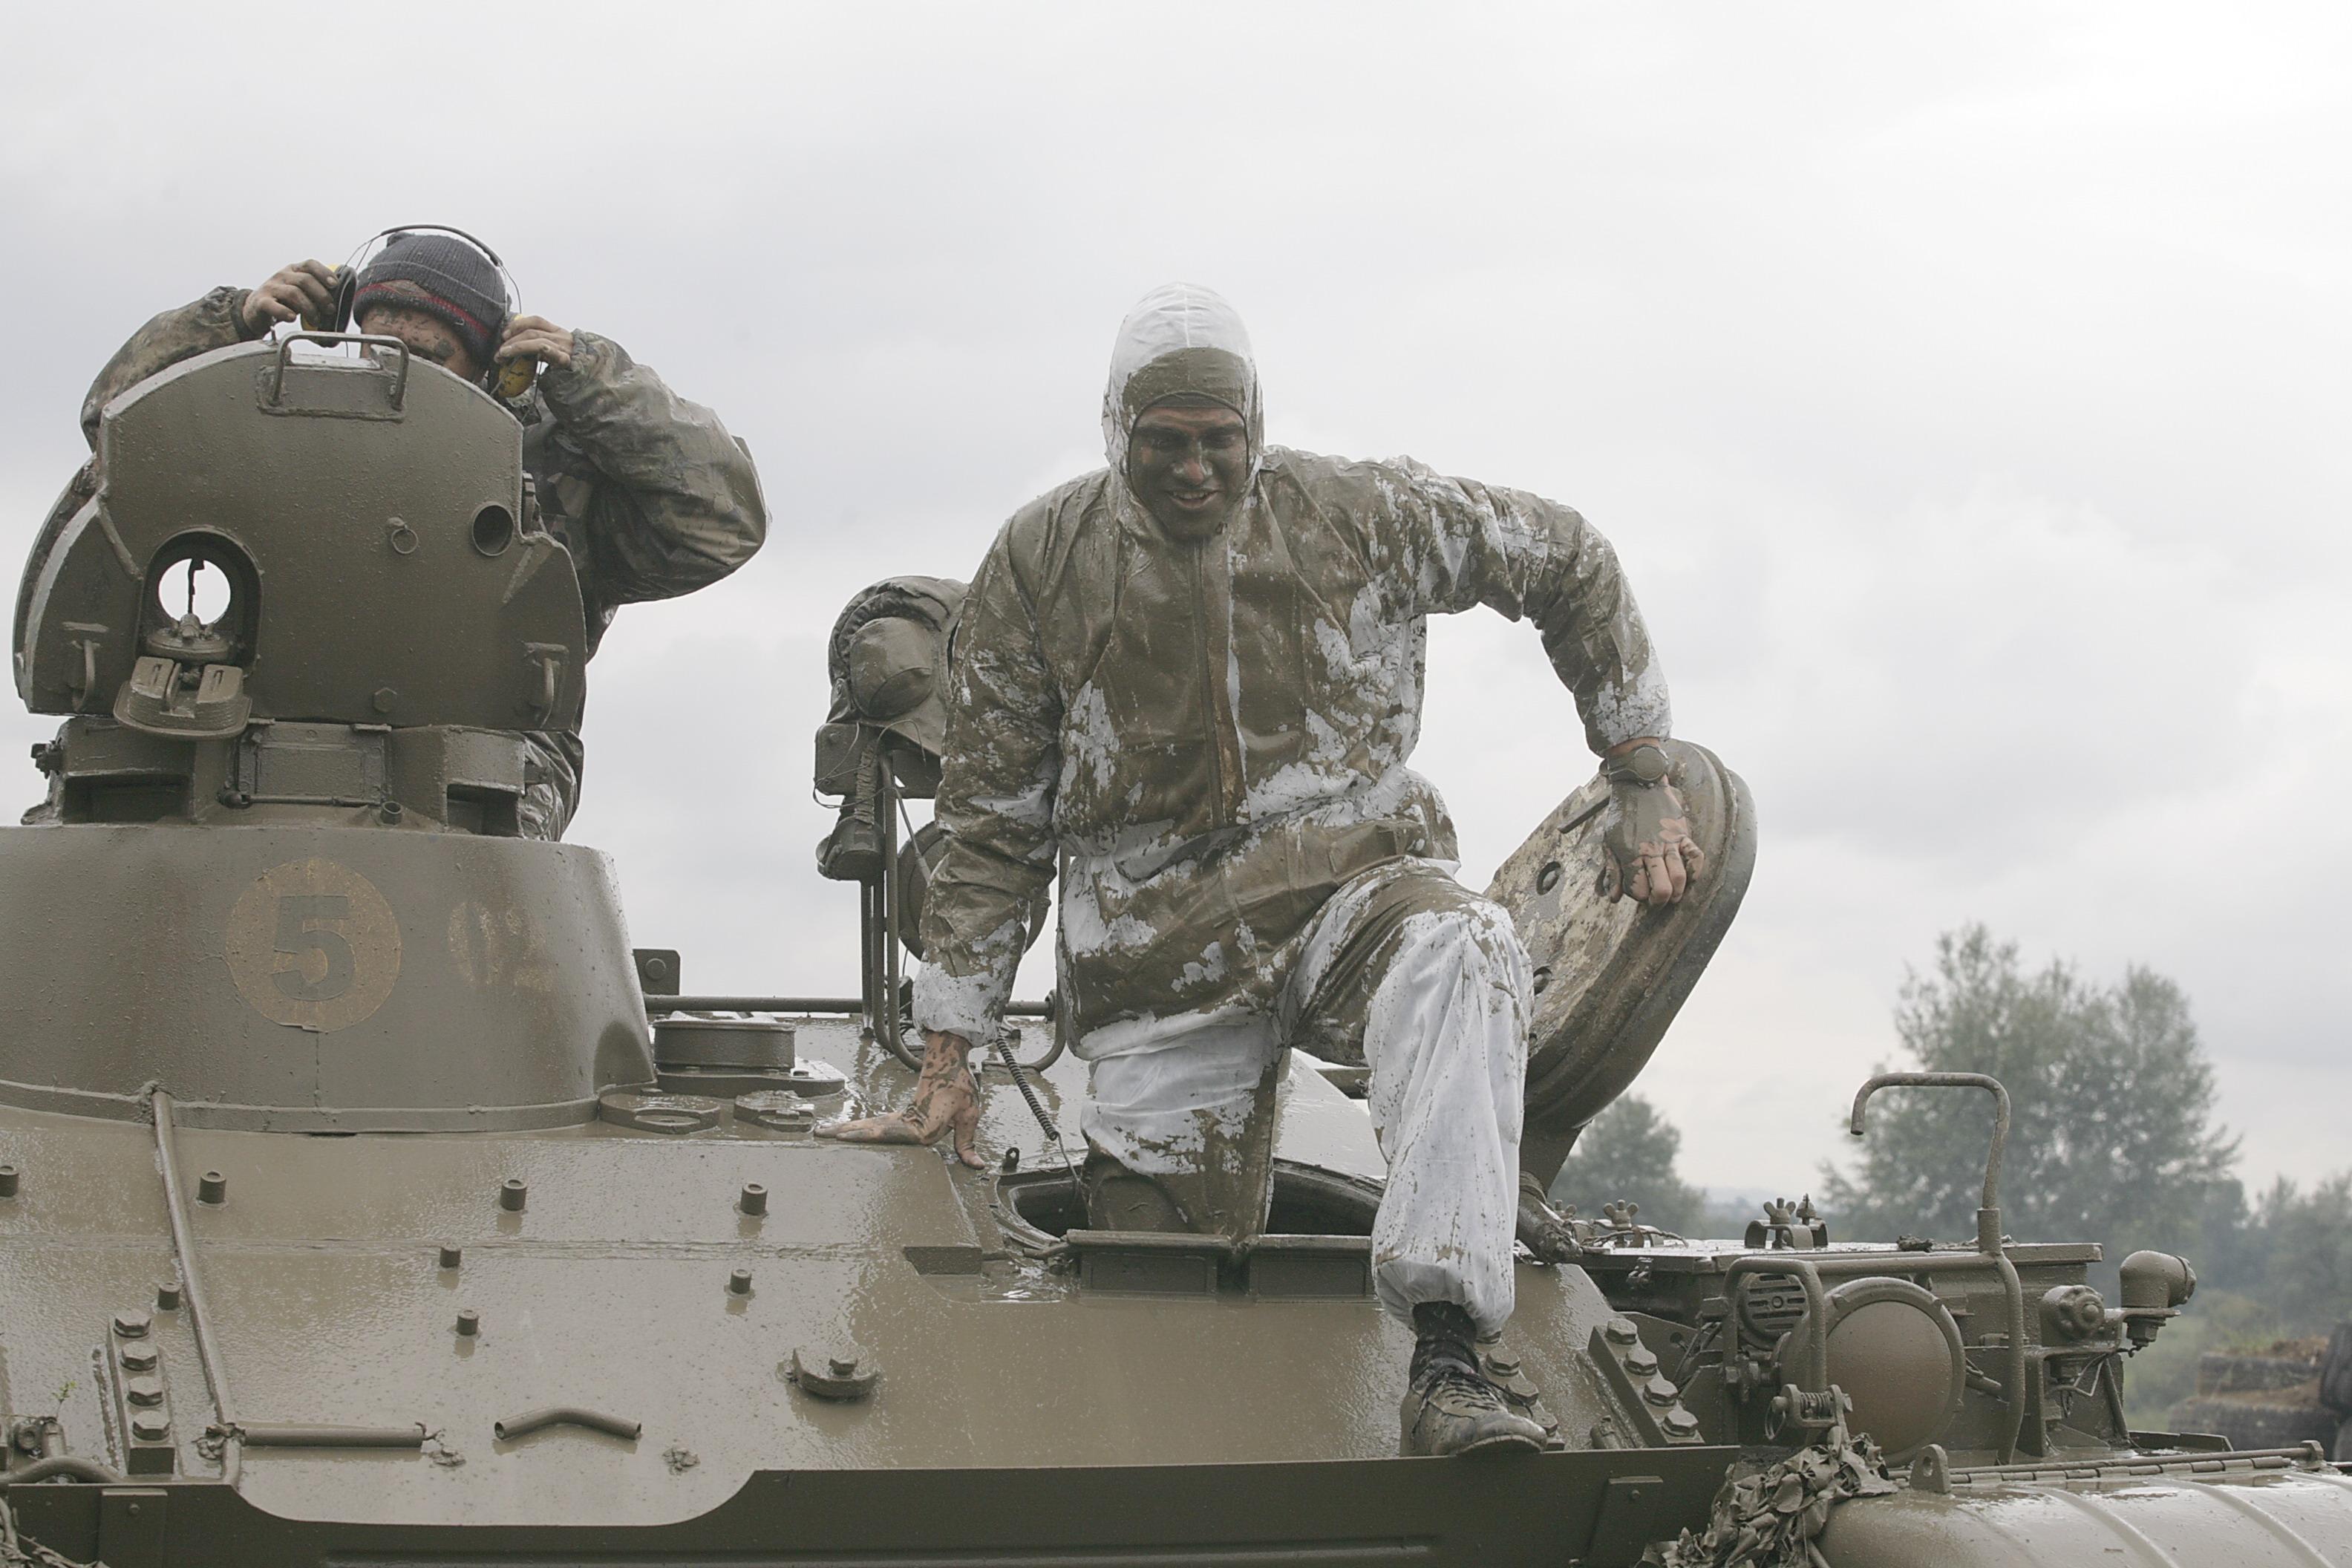 Após uma bateria com T-55 blindado